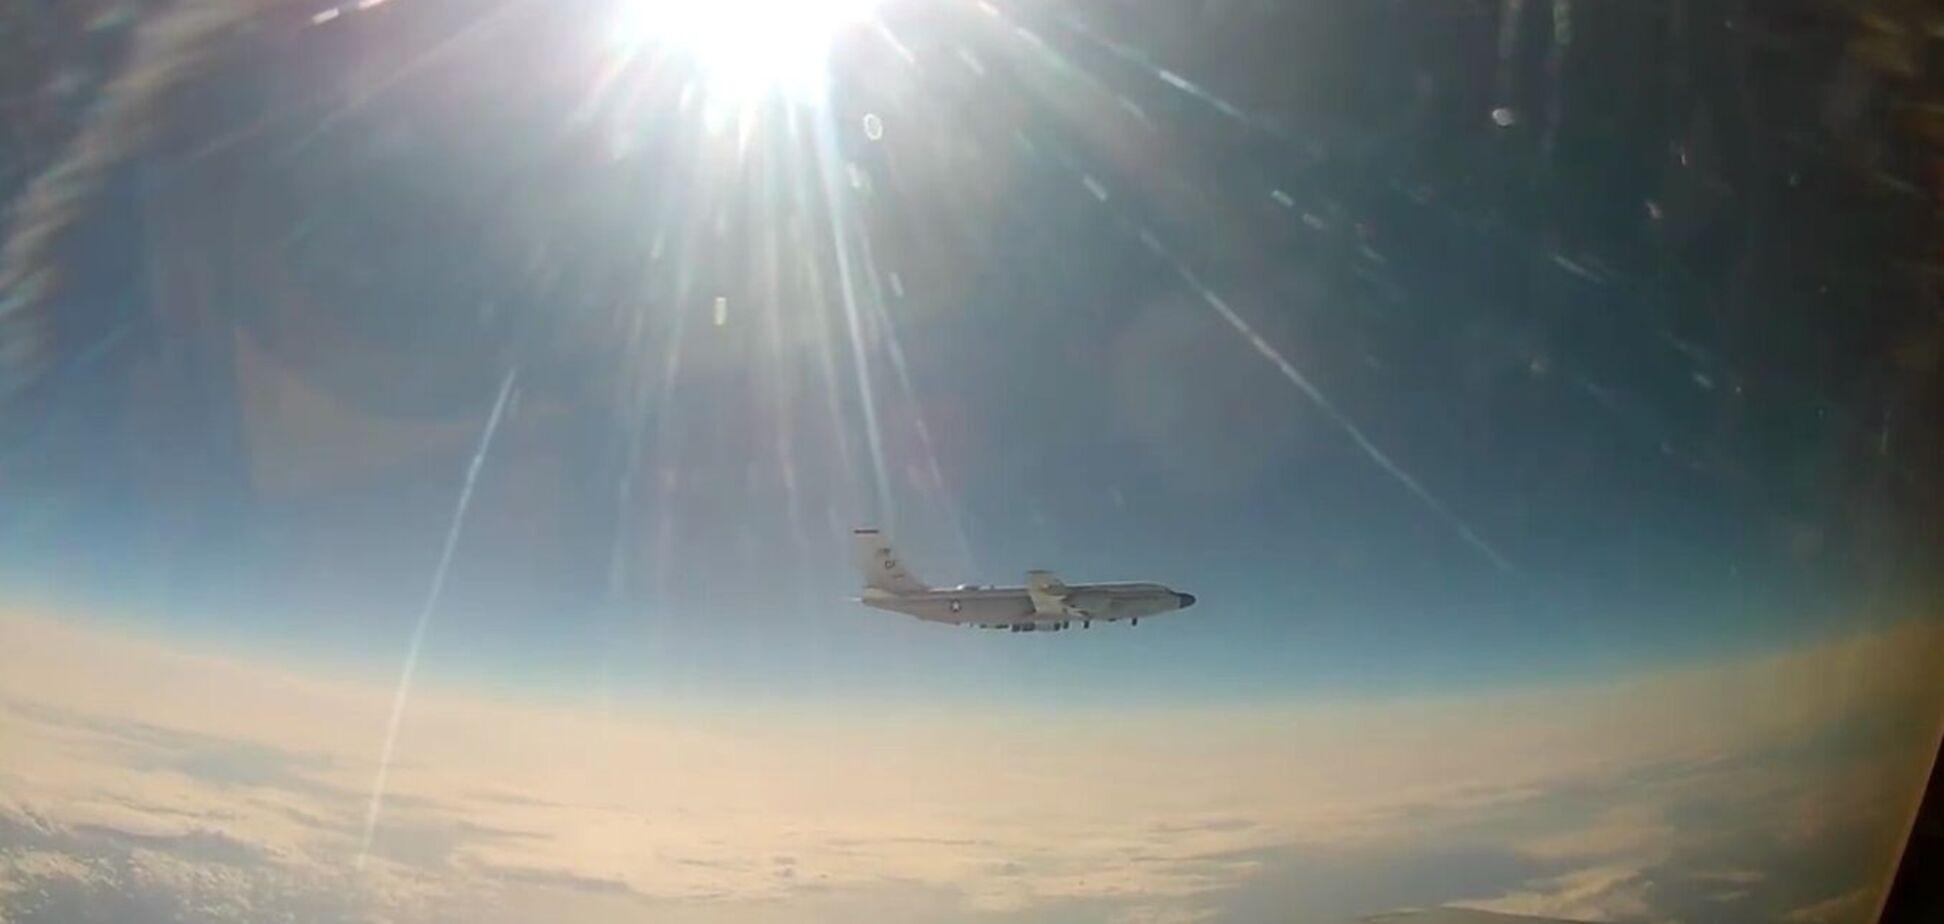 Российский МиГ-31 подняли для перехвата американского самолета